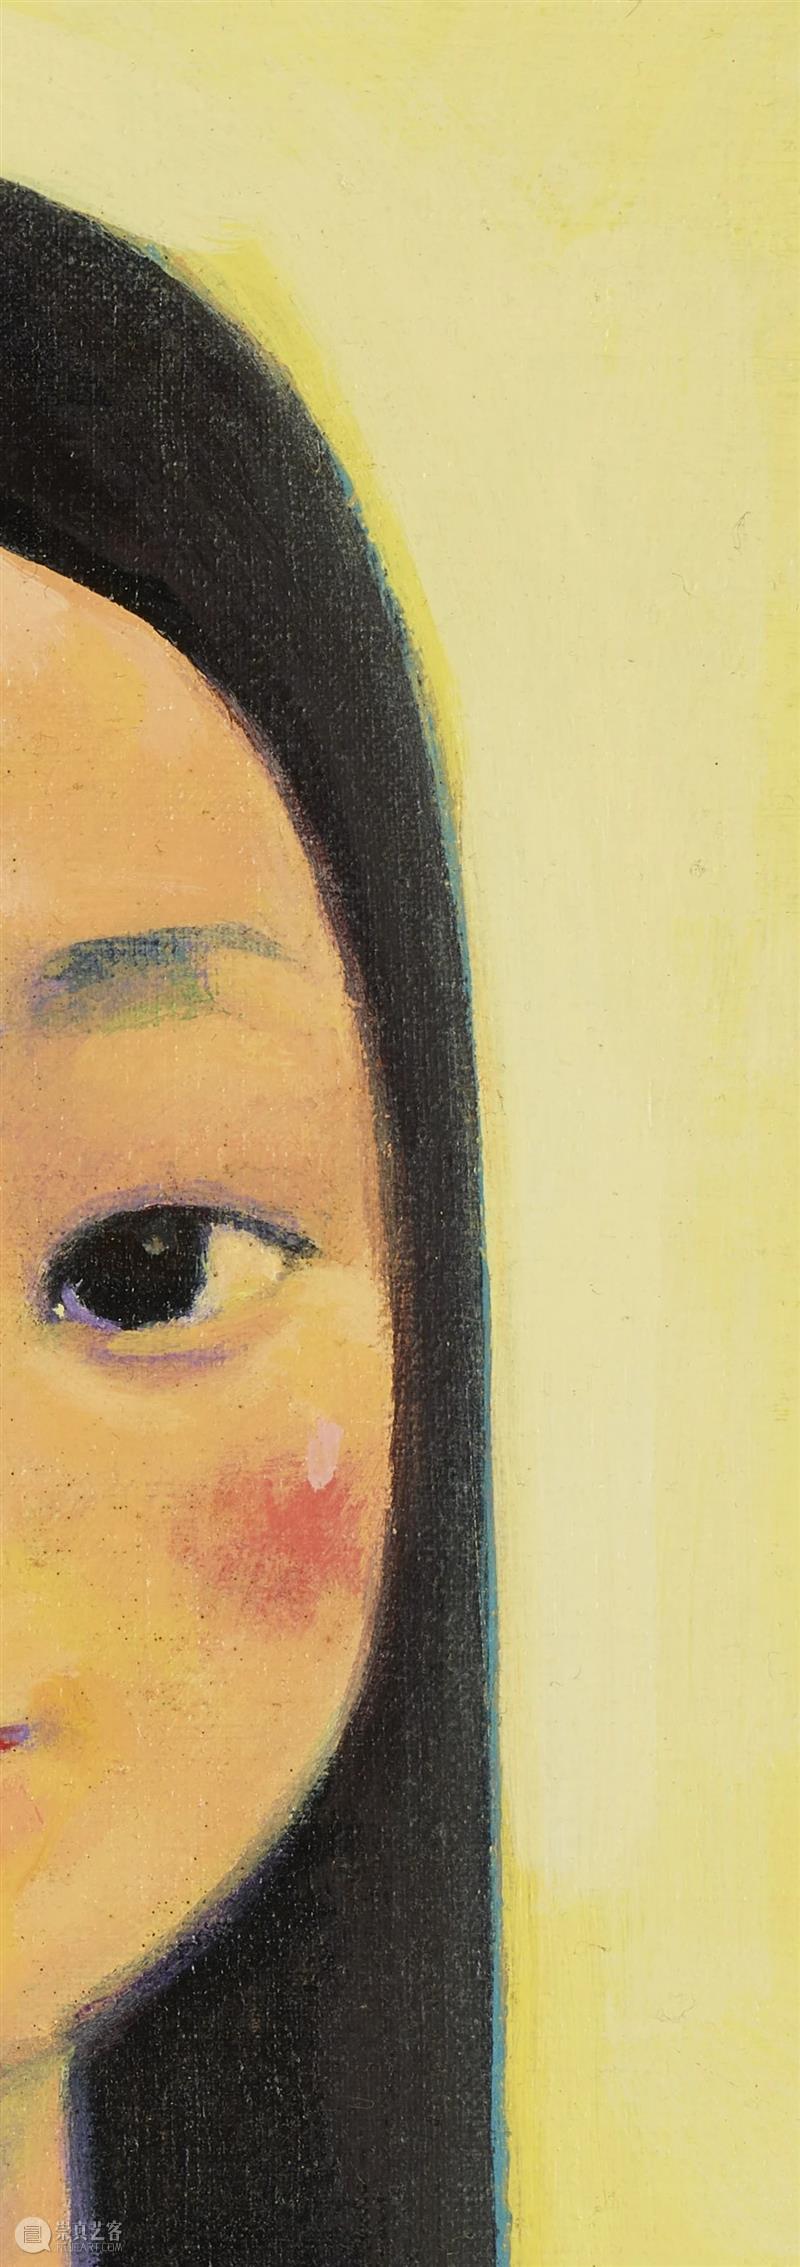 邦瀚斯秋拍 | 罕有肖像佳作:刘野的《她是如此美丽》  邦瀚斯 刘野 肖像 佳作 如此美丽 邦瀚斯秋 美感 形式 邦瀚斯 香港 艺术 崇真艺客